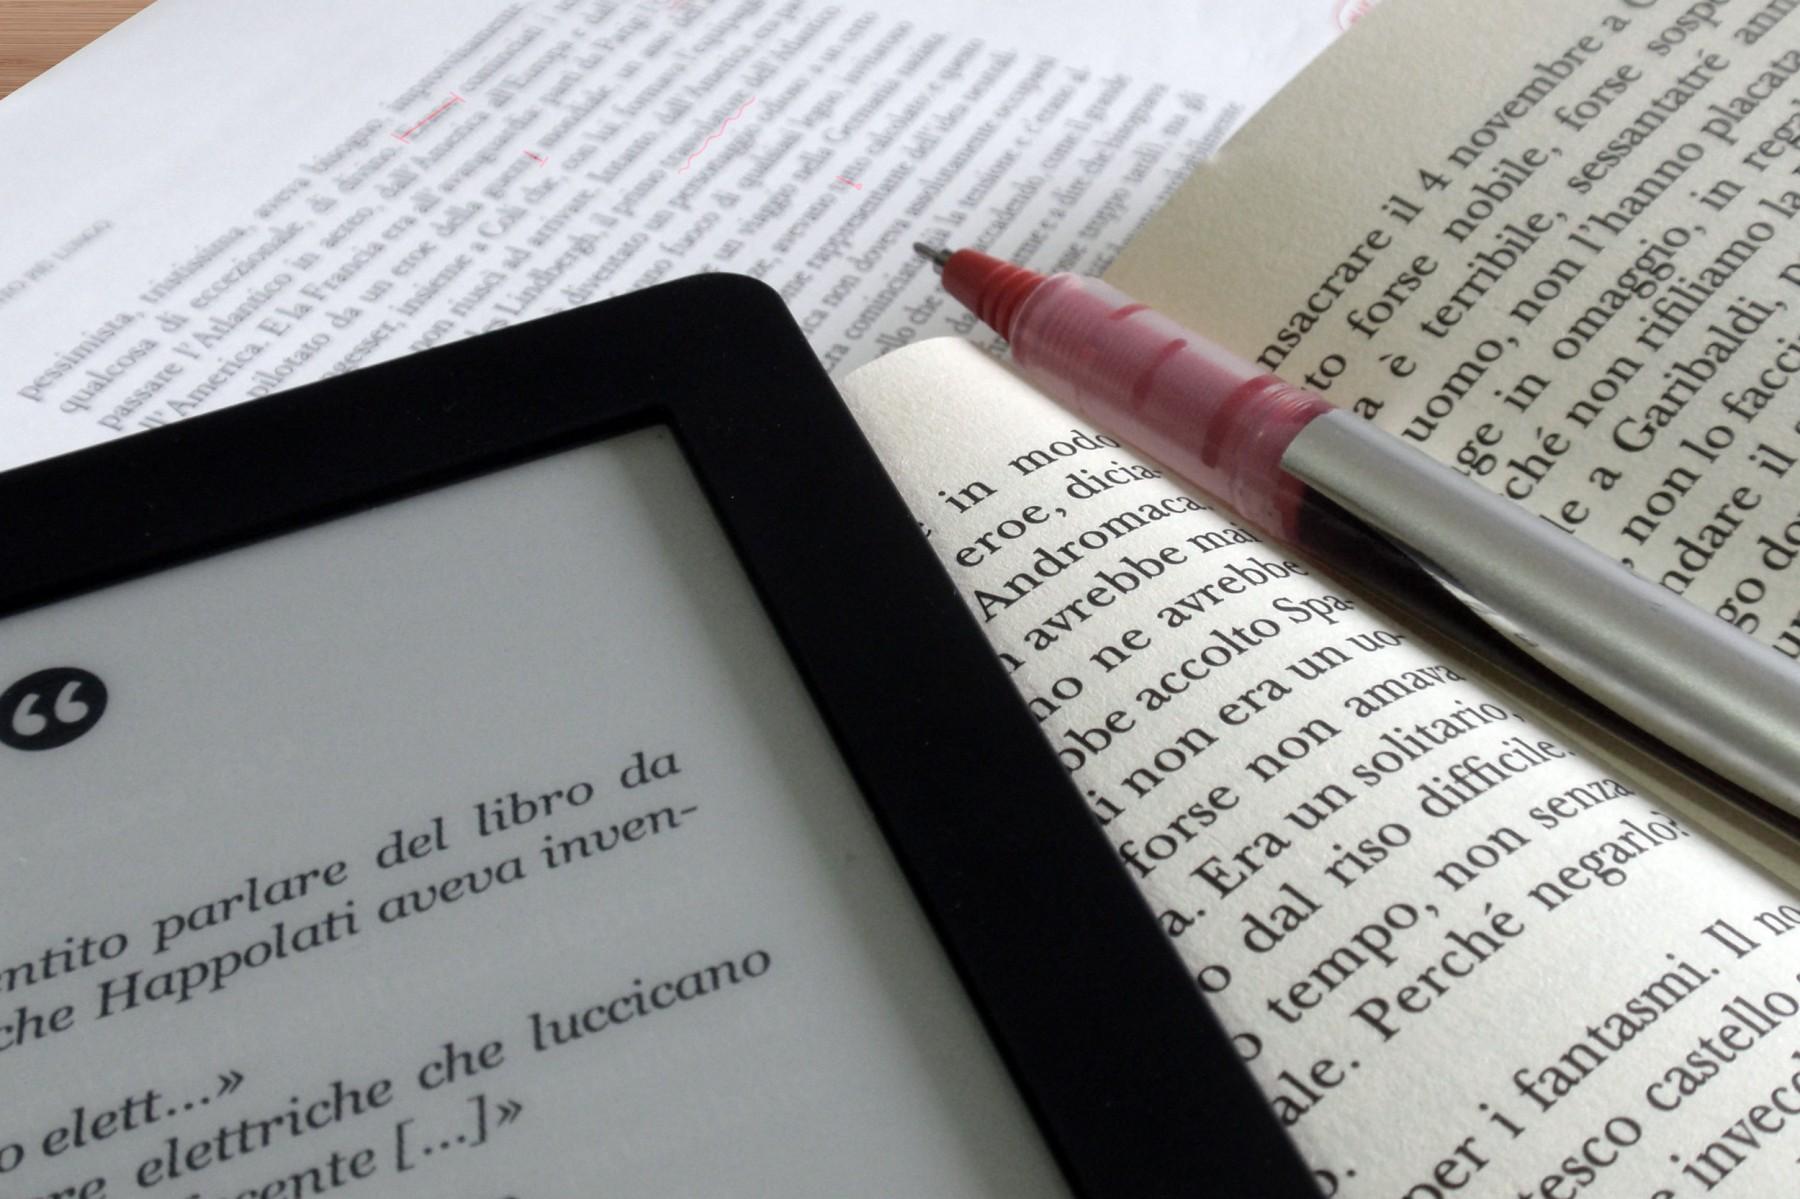 download la letteratura francescana bonaventura la leggenda di francesco